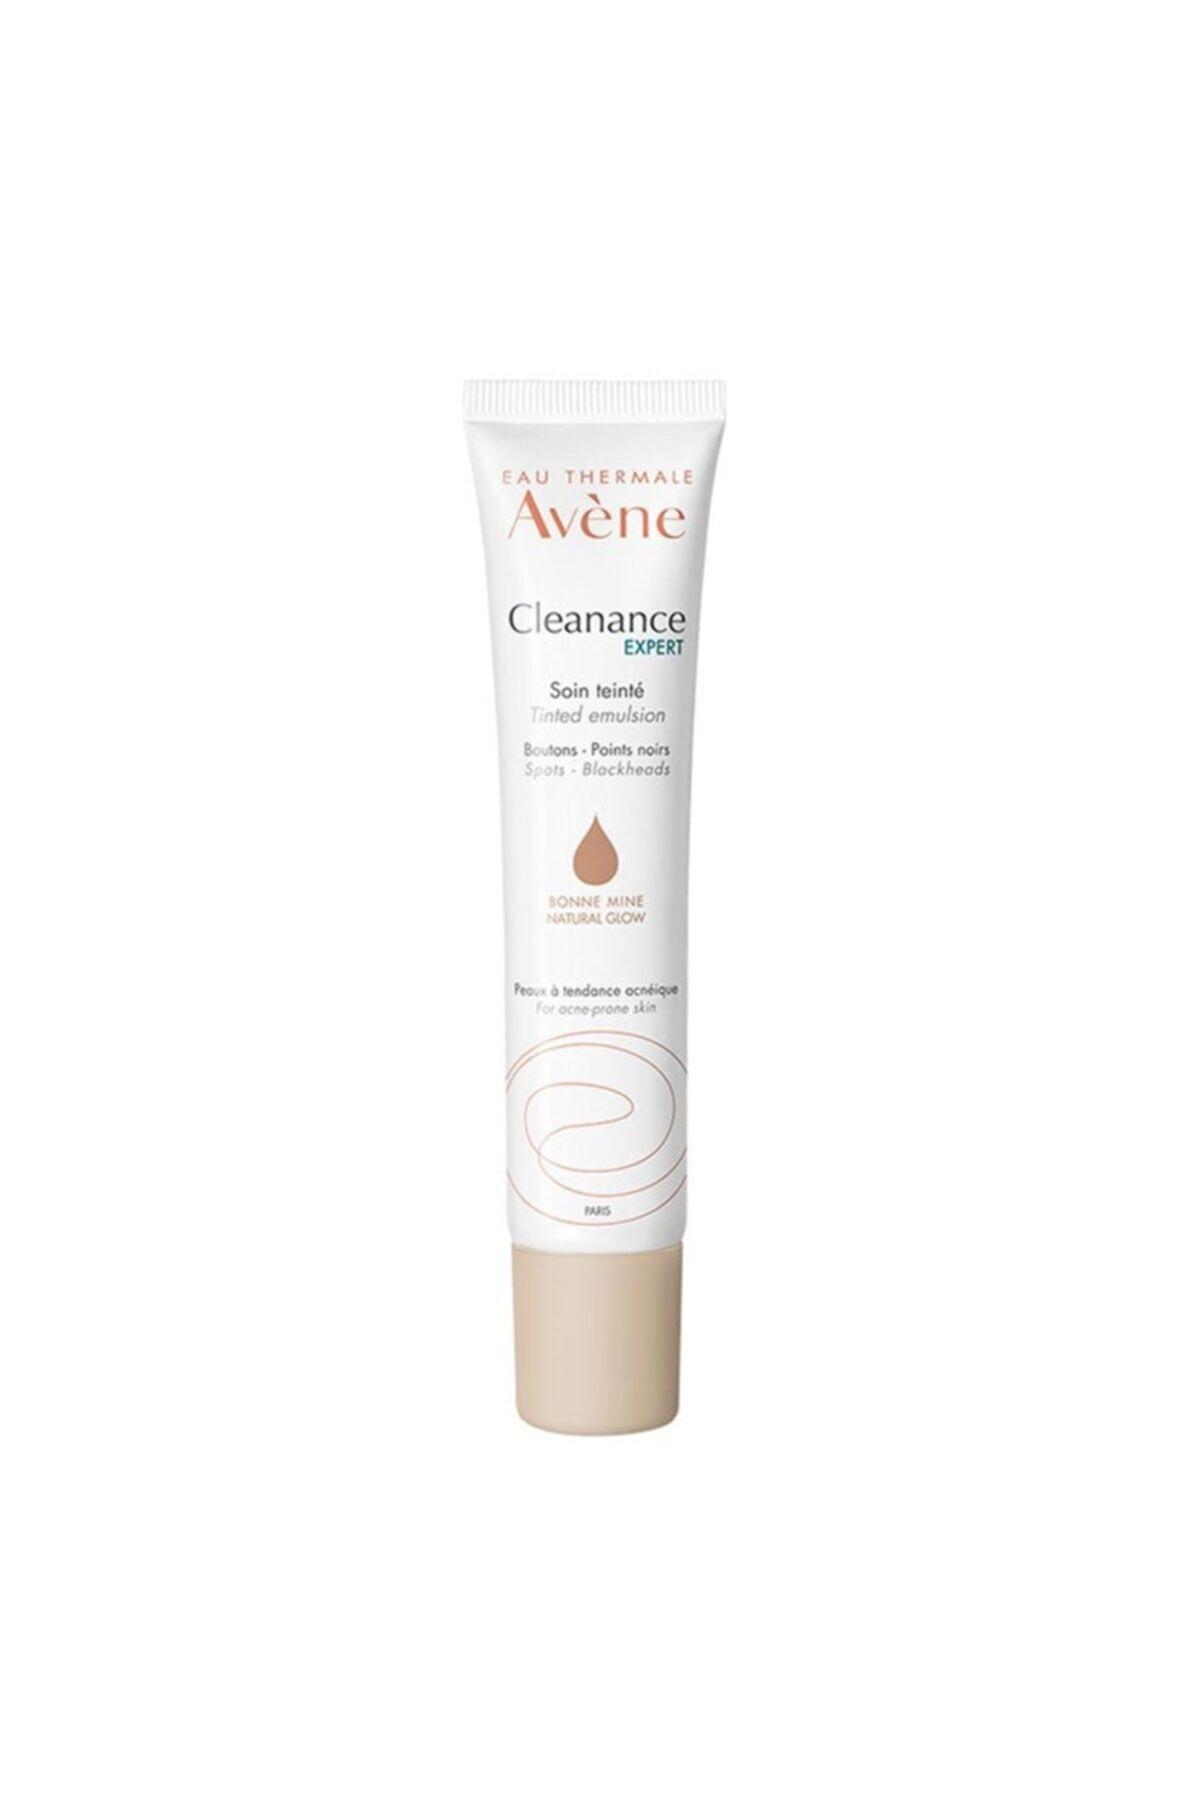 Avene Cleanance Expert Emulsion Tinted 40 Ml 1